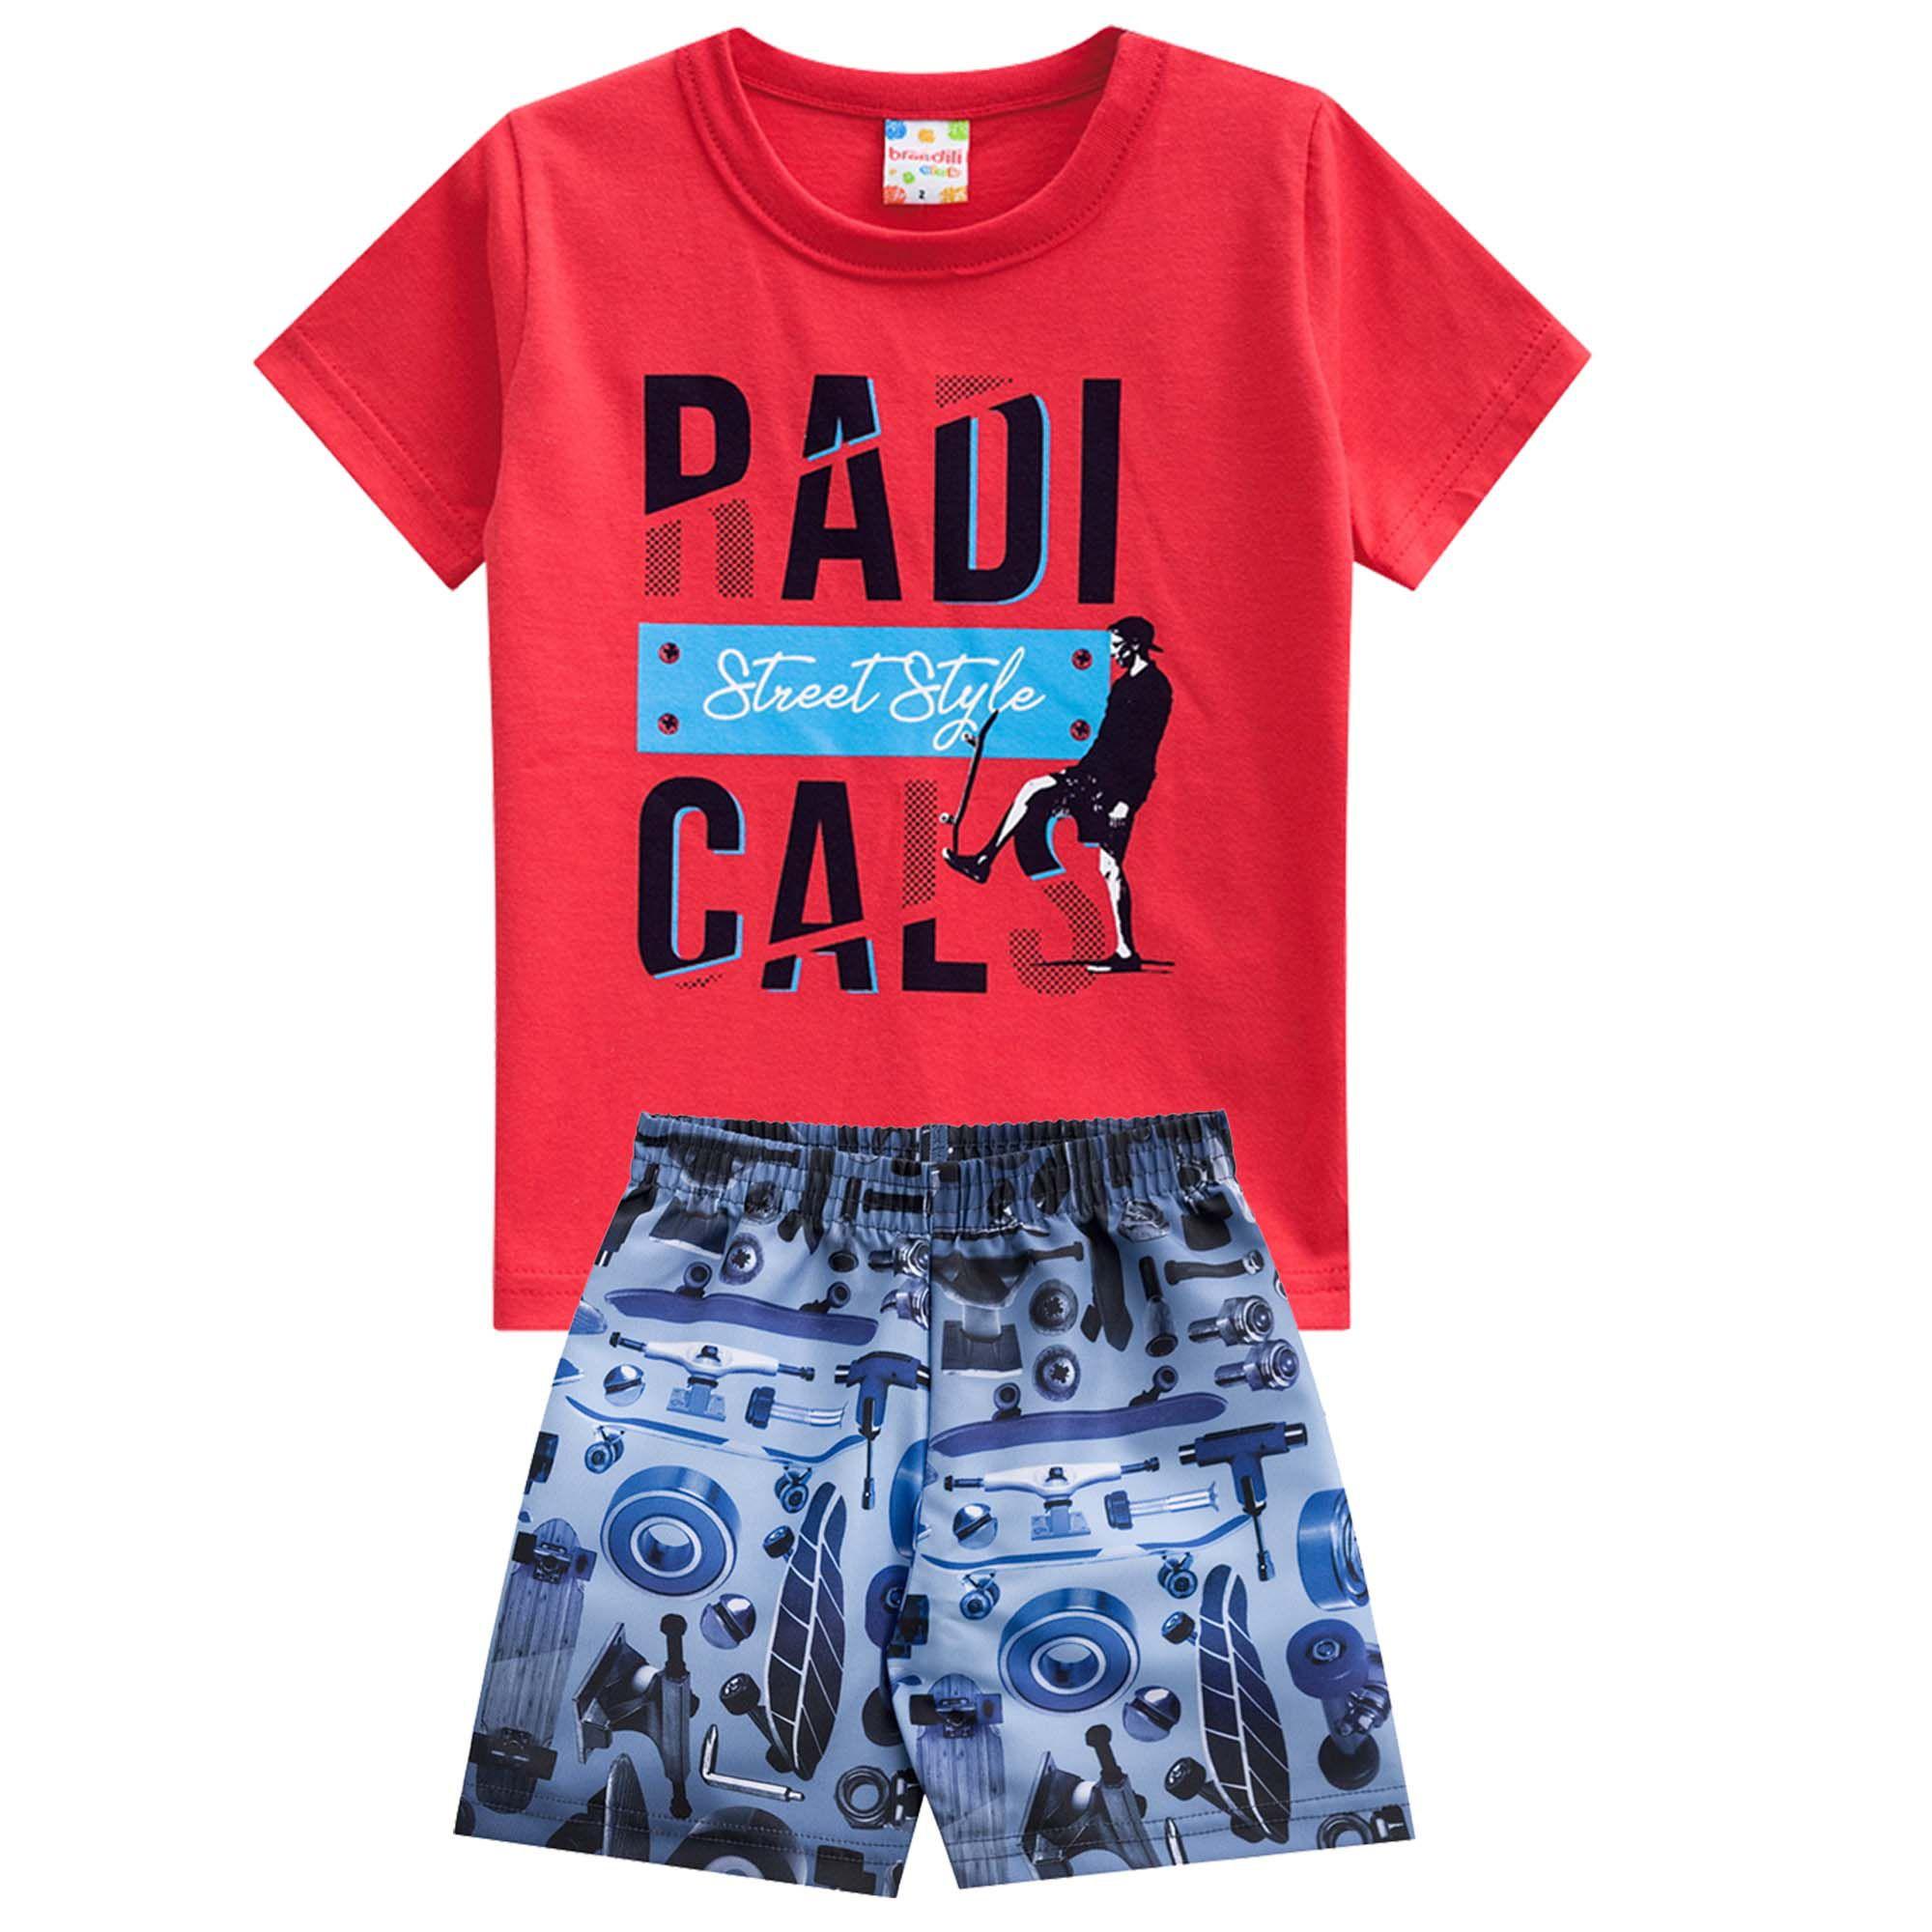 Conjunto Verão Brandili Camiseta Club Radicals Street Style com Bermuda - 1 ao 3